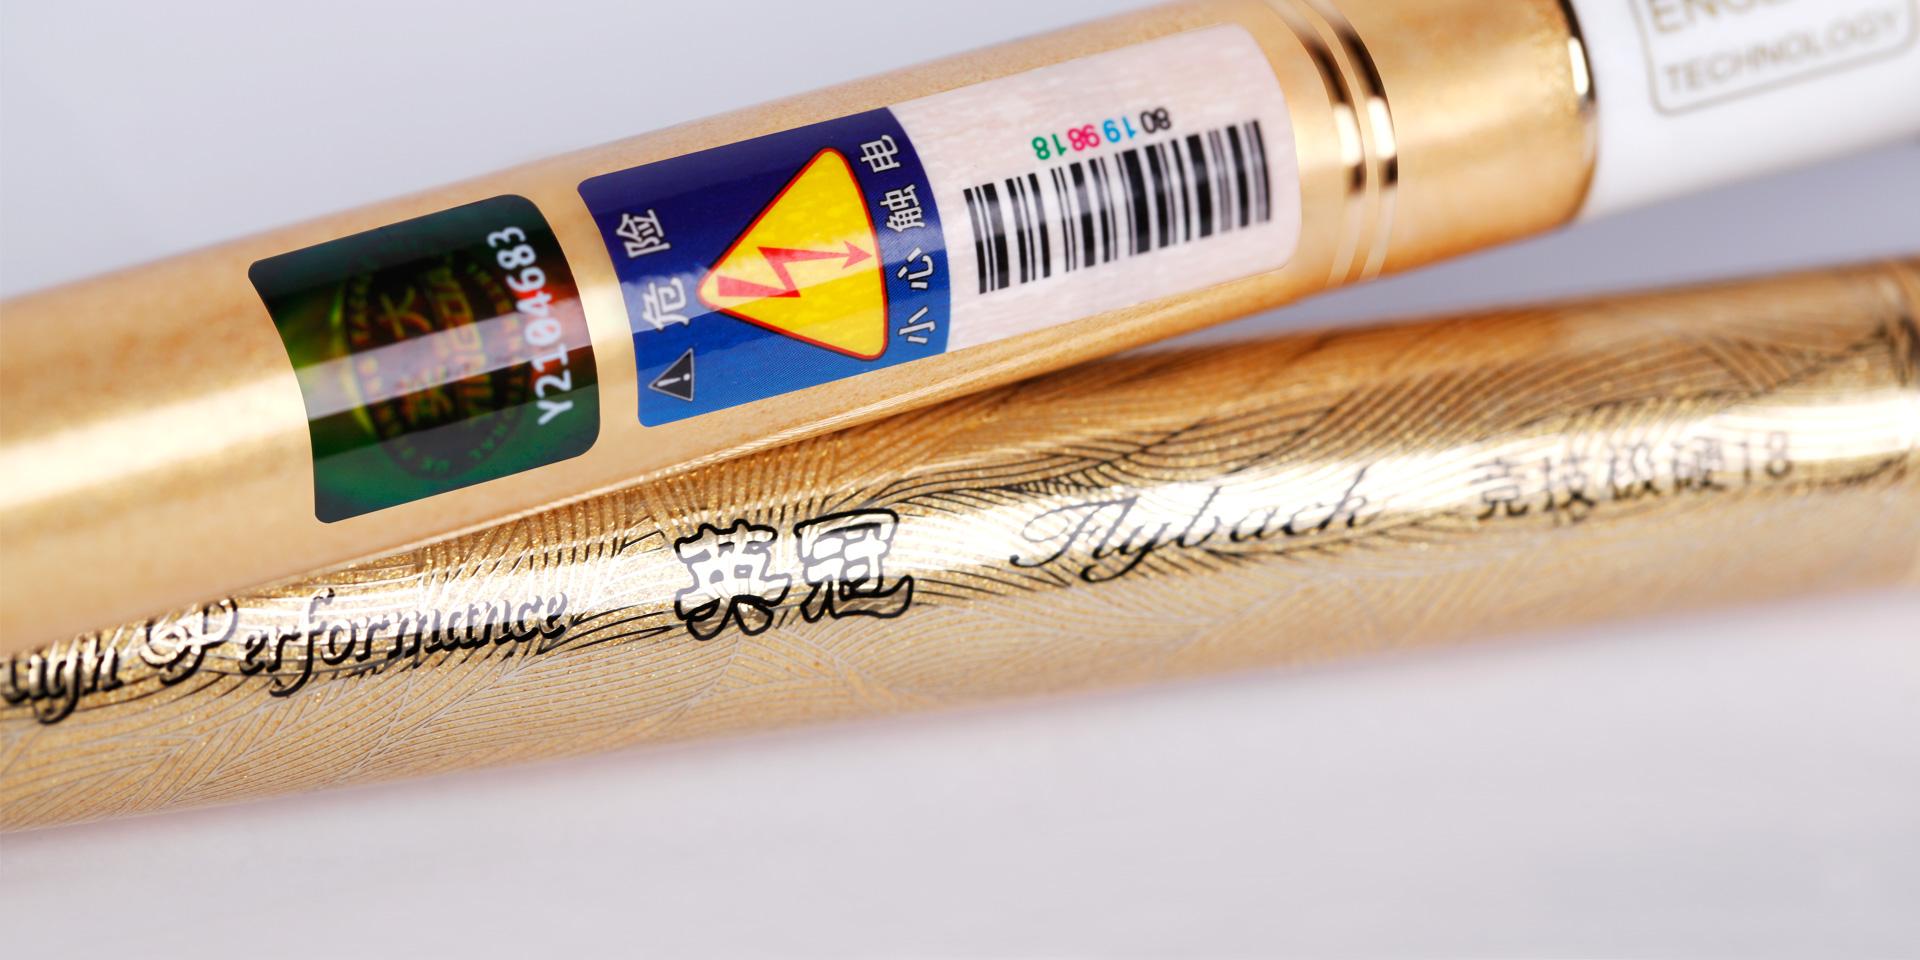 涂装设计为黑色搭配香槟金,融入彩粉金色点缀,段涂处24K金色线丝纹理镶嵌,洋溢尊贵气息的同时,又显高雅时尚的品位